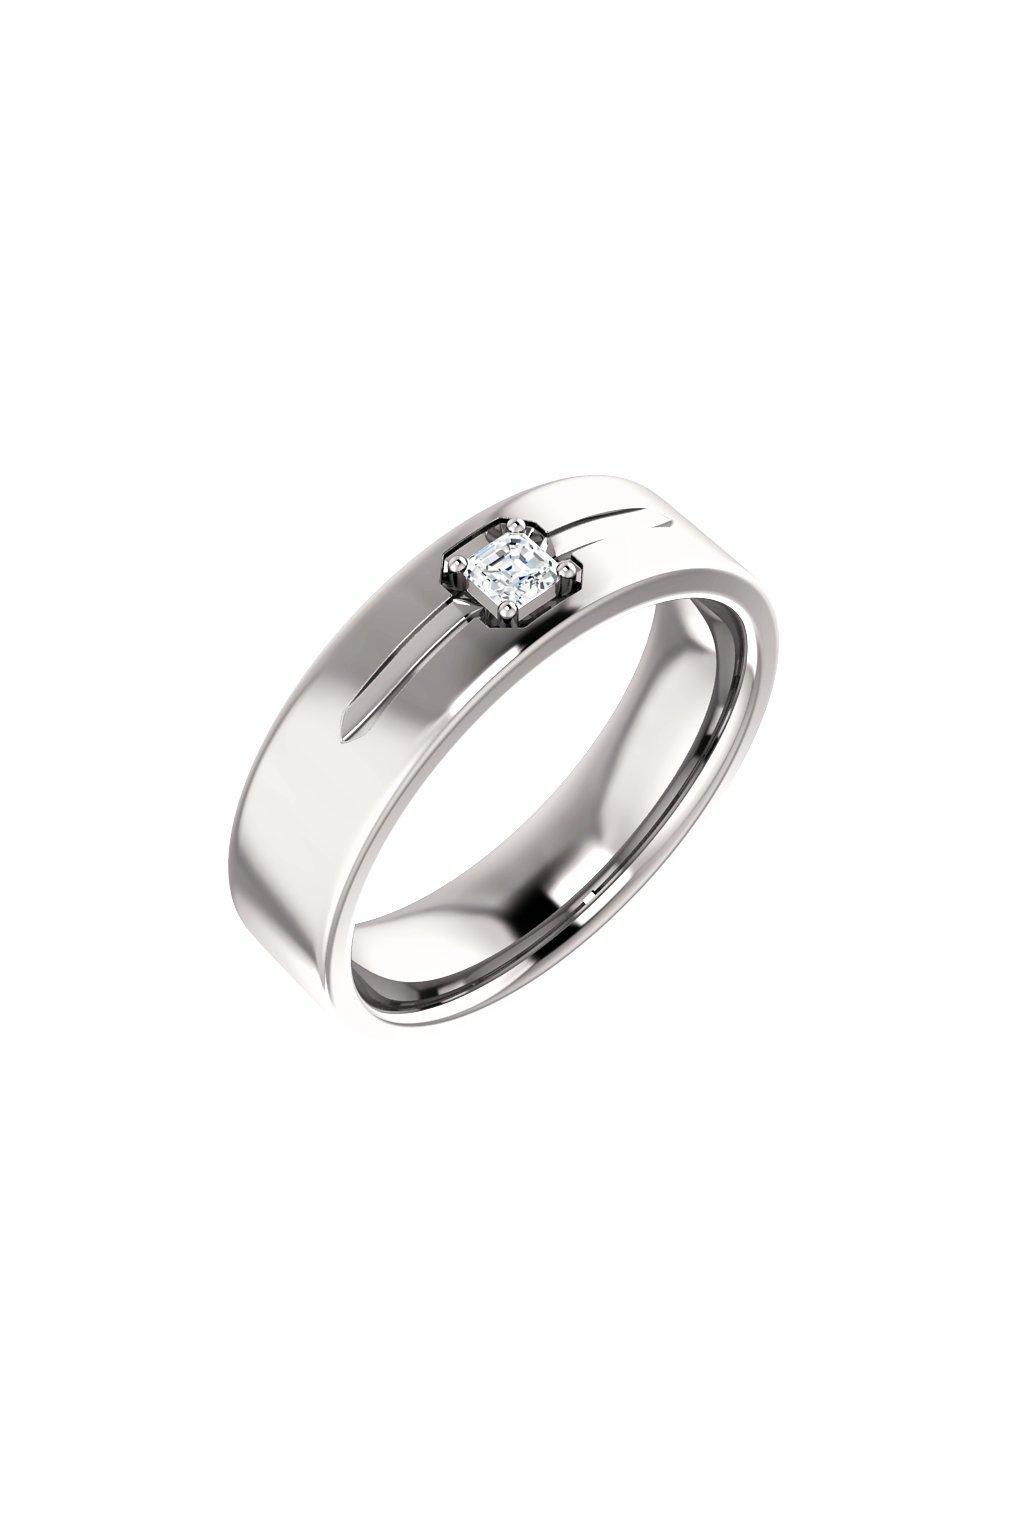 Pánský snubní prsten Royalis Excellency - Asscher